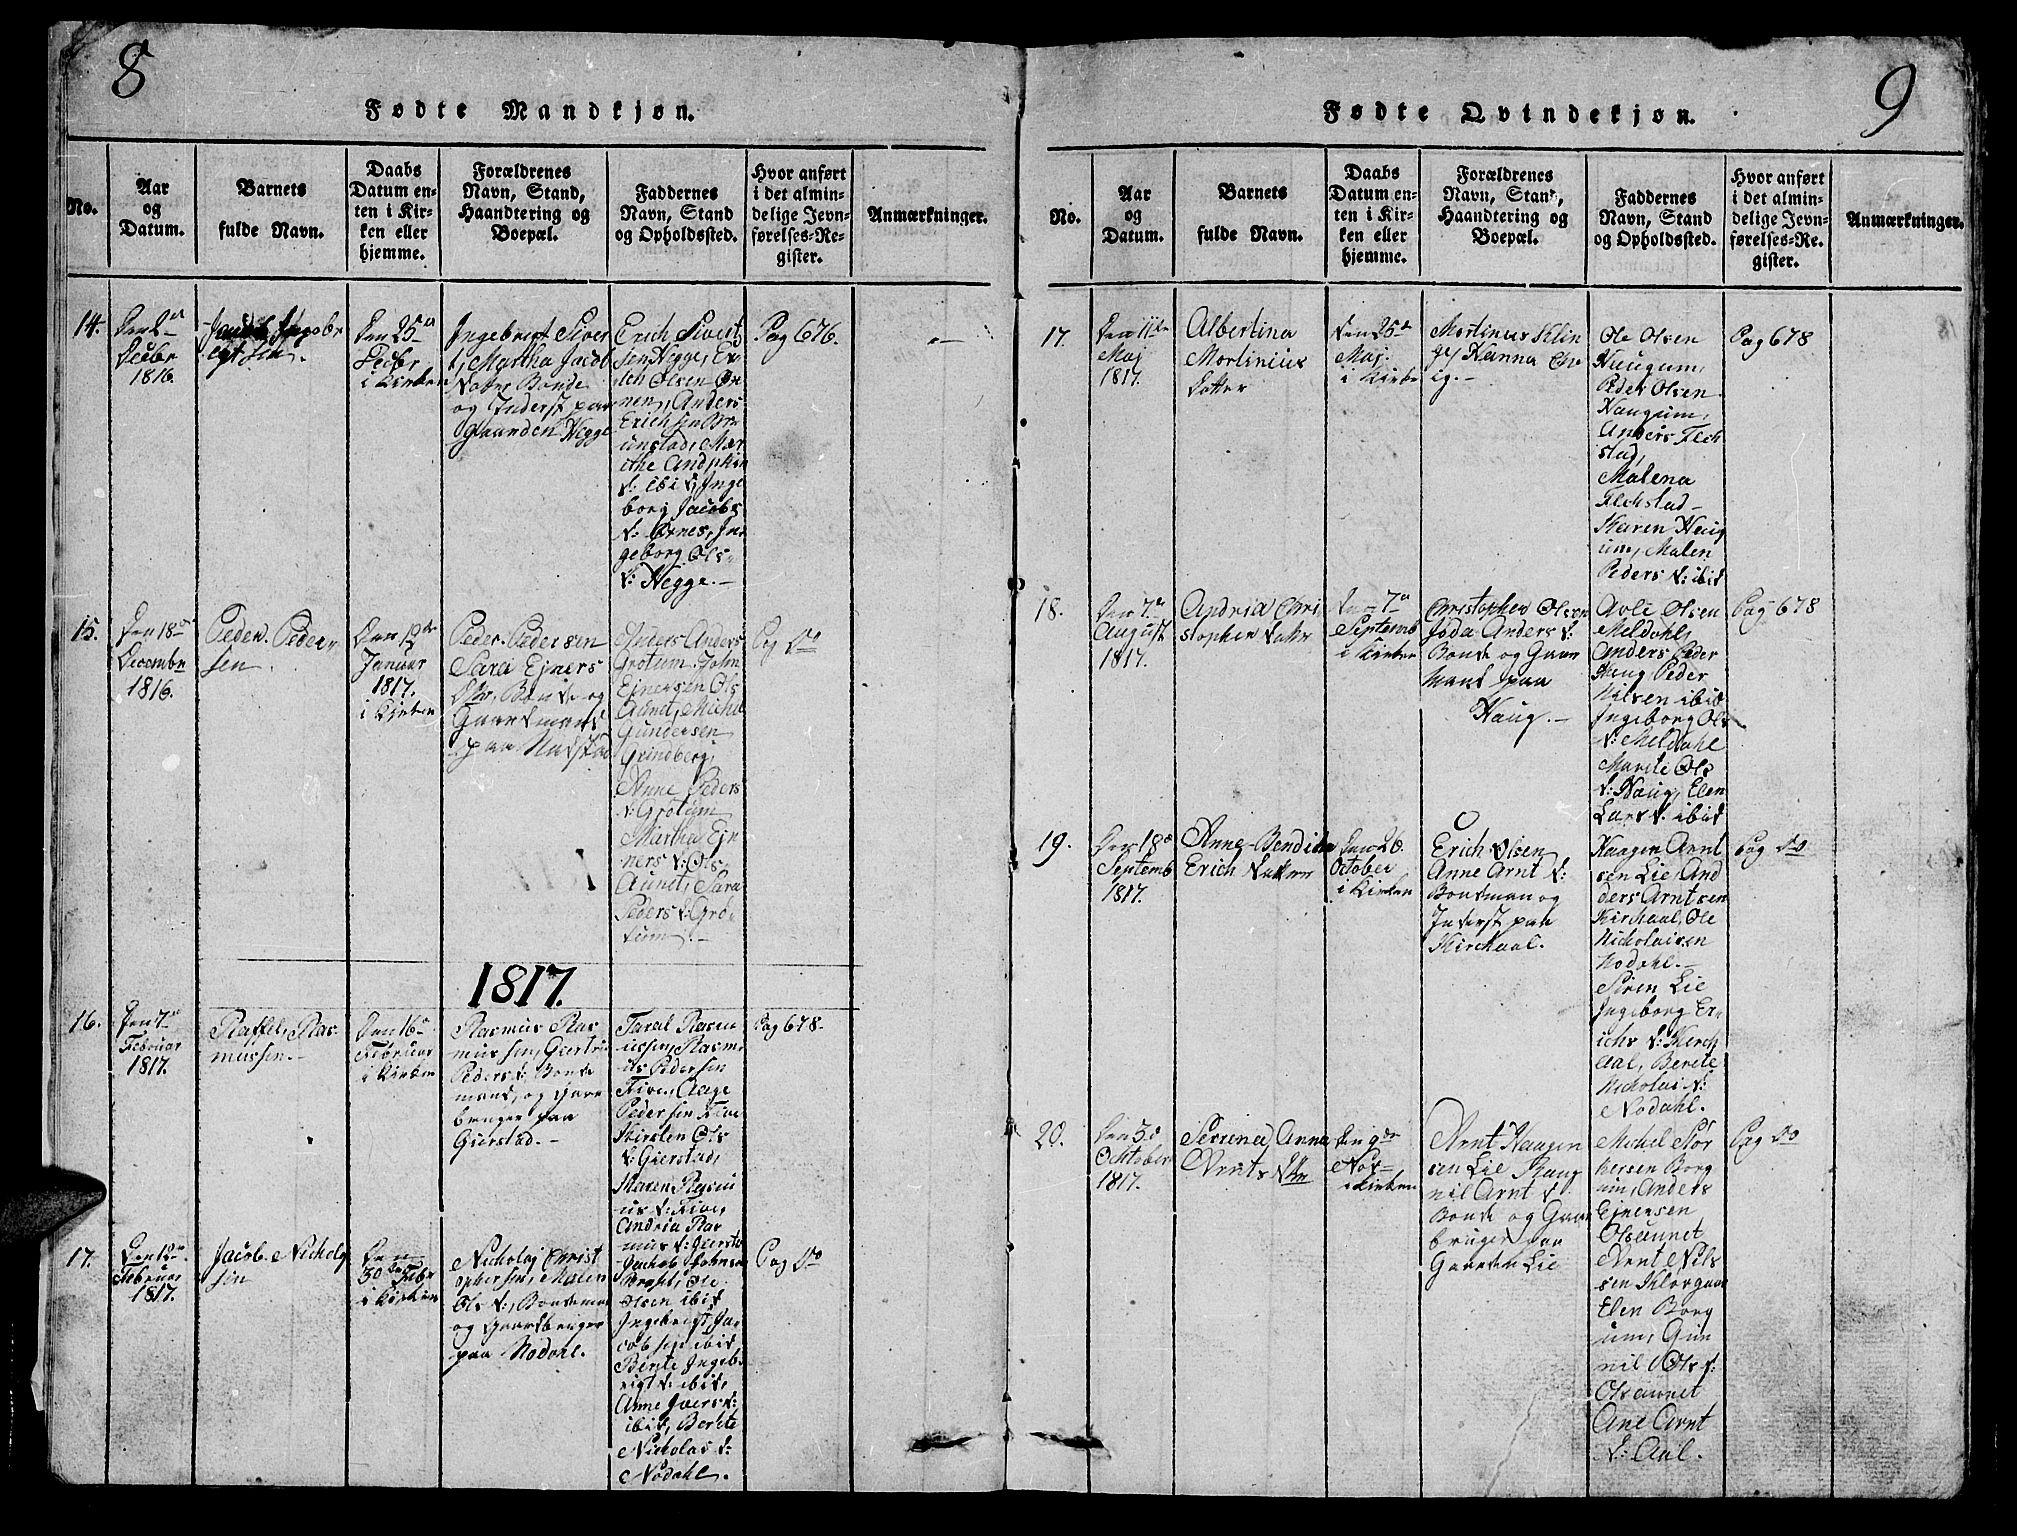 SAT, Ministerialprotokoller, klokkerbøker og fødselsregistre - Nord-Trøndelag, 747/L0459: Klokkerbok nr. 747C01, 1816-1842, s. 8-9